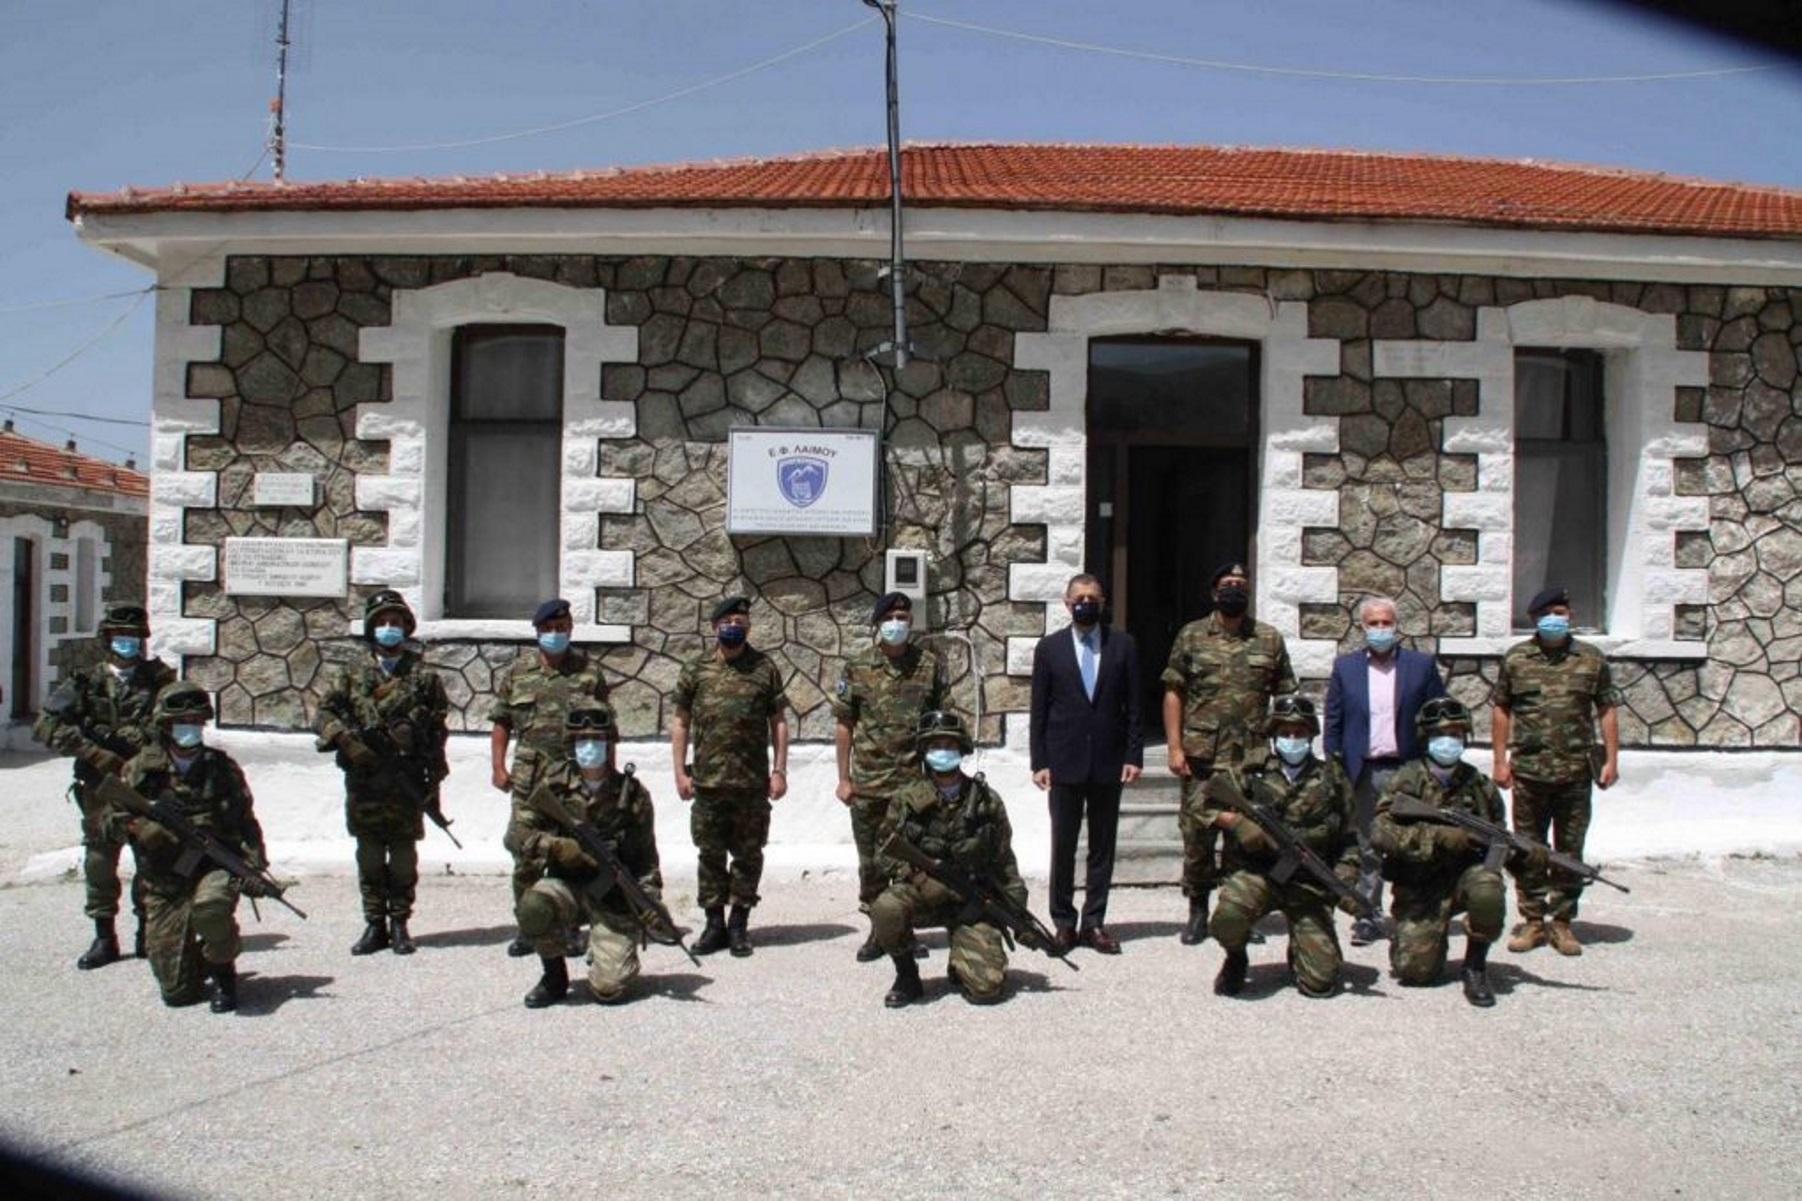 Αλκιβιάδης Στεφανής: Περιοδεία σε Φυλάκια της Περιοχής Ευθύνης Γ' Σώματος Στρατού (pics)